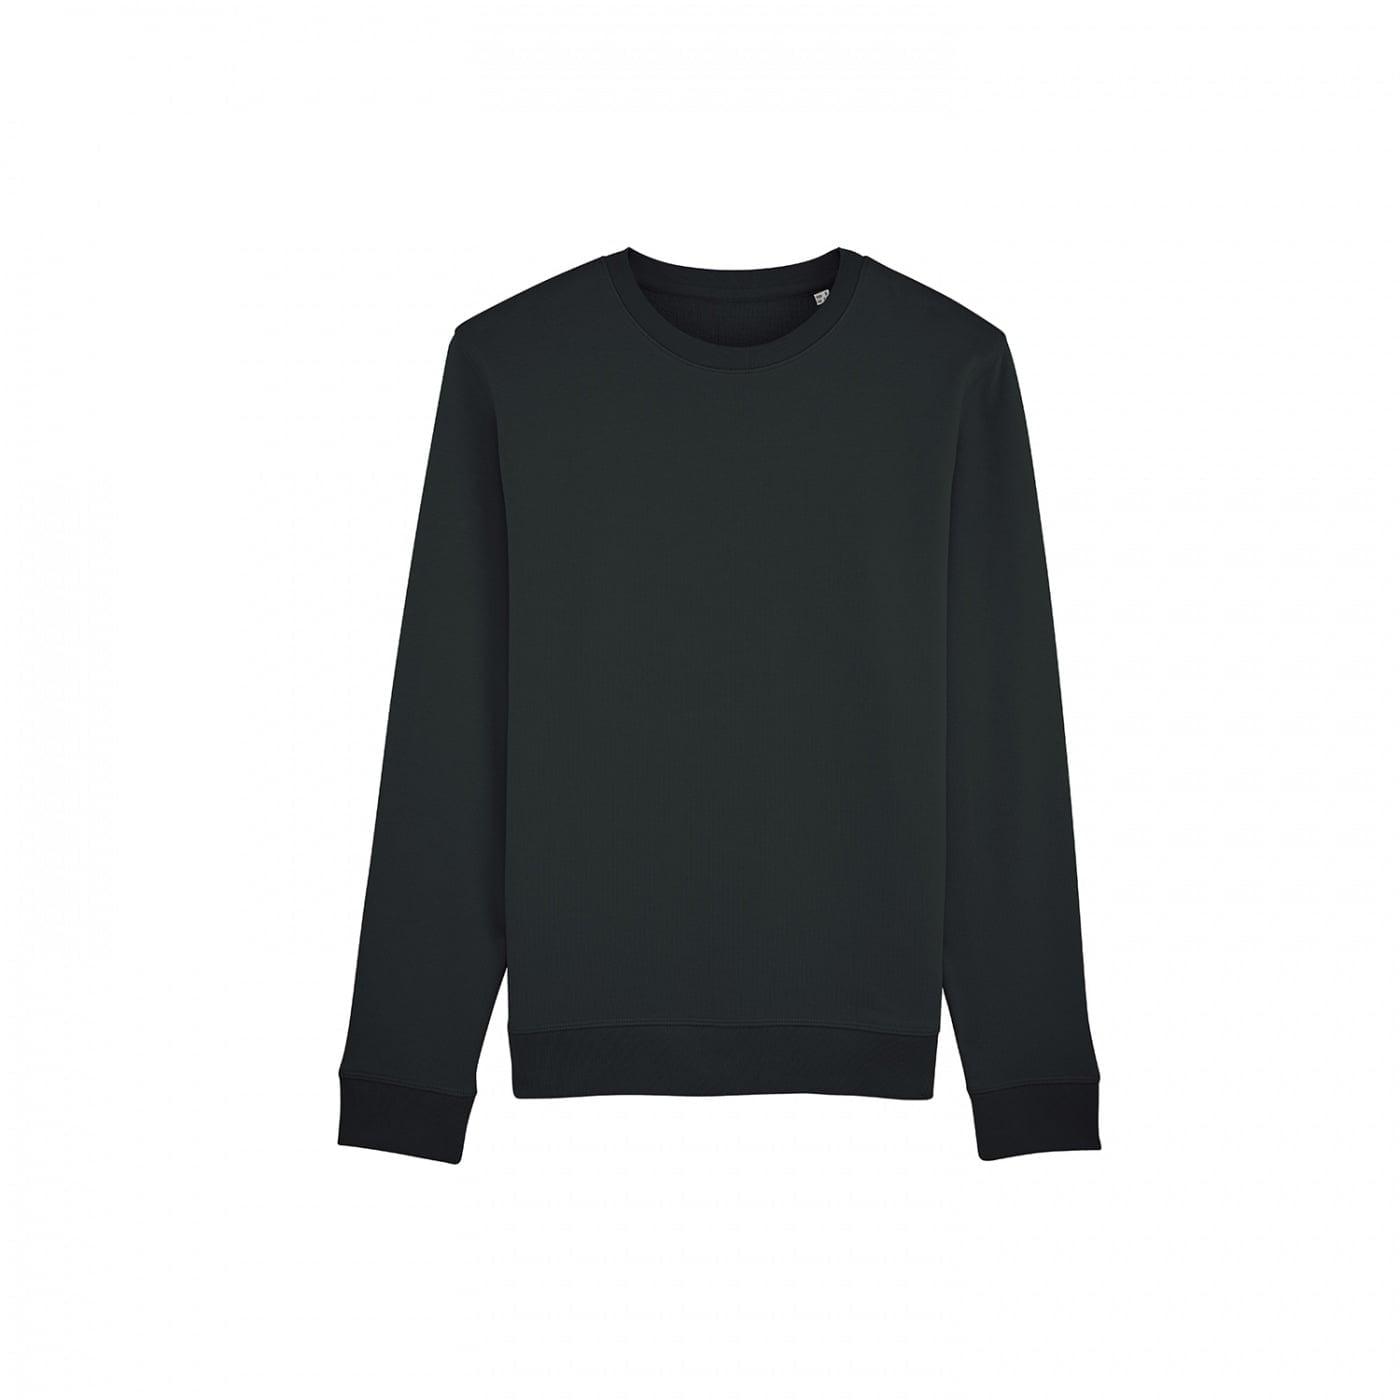 Bluzy - Bluza Crewneck Rise - Stanley/Stella STSU811 - Black - RAVEN - koszulki reklamowe z nadrukiem, odzież reklamowa i gastronomiczna